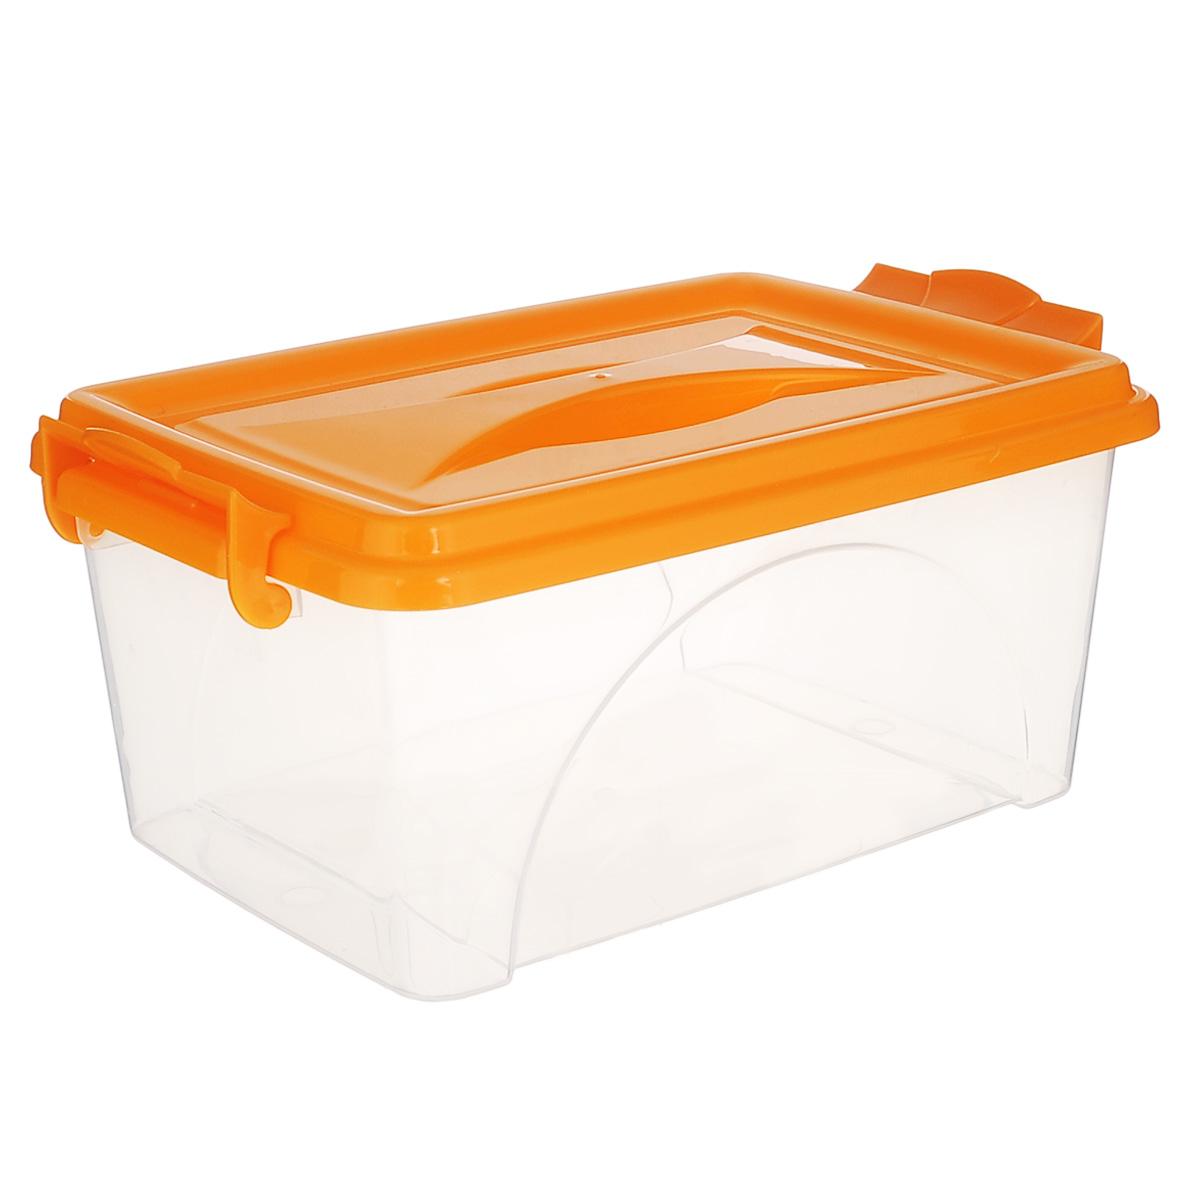 Контейнер Альтернатива, цвет: оранжевый, 30,5 х 20 х 13,5 смМ 2860Контейнер Альтернатива выполнен из прочного пластика. Он предназначен для хранения различных бытовых вещей и продуктов.Контейнер оснащен по бокам ручками, которые плотно закрывают крышку контейнера. Также на крышке имеется ручка для удобной переноски. Контейнер поможет хранить все в одном месте, он защитит вещи от пыли, грязи и влаги.